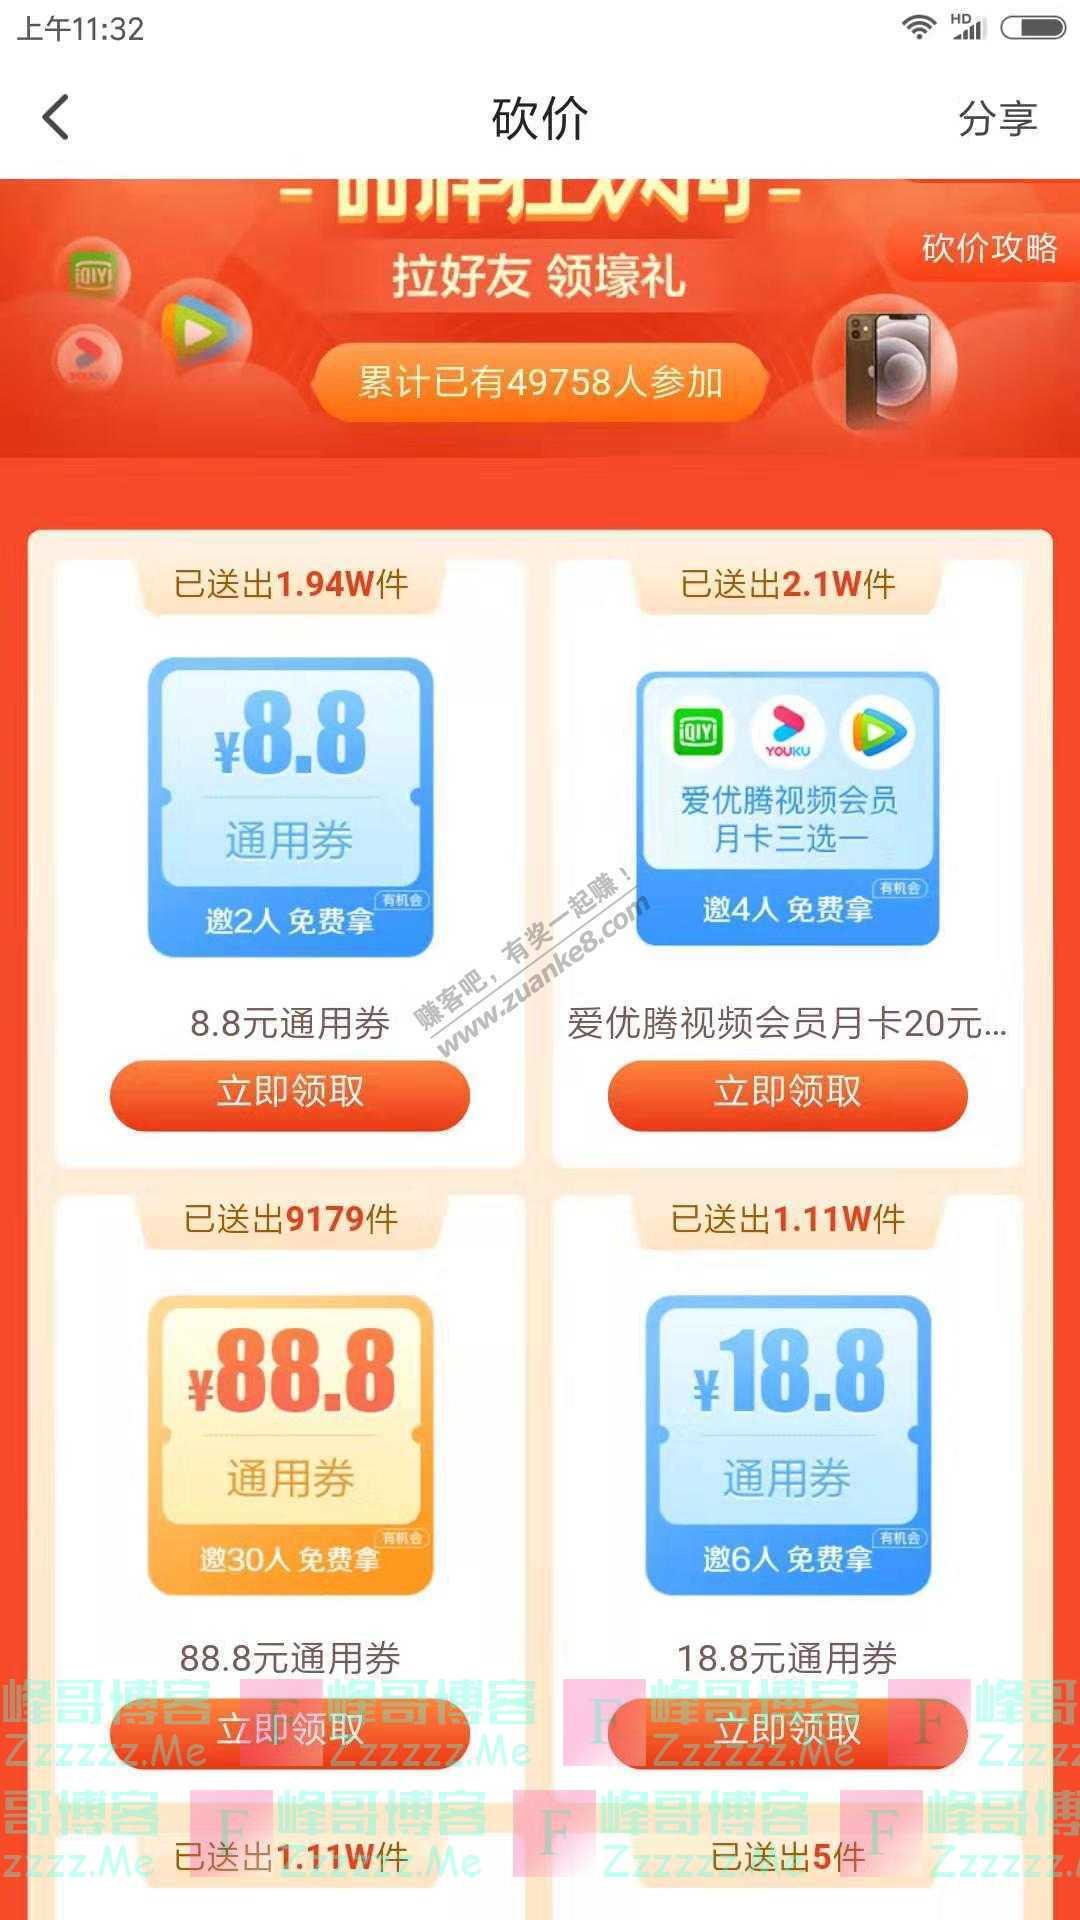 翼支付app品牌狂欢周砍价活动(截止11月29日)